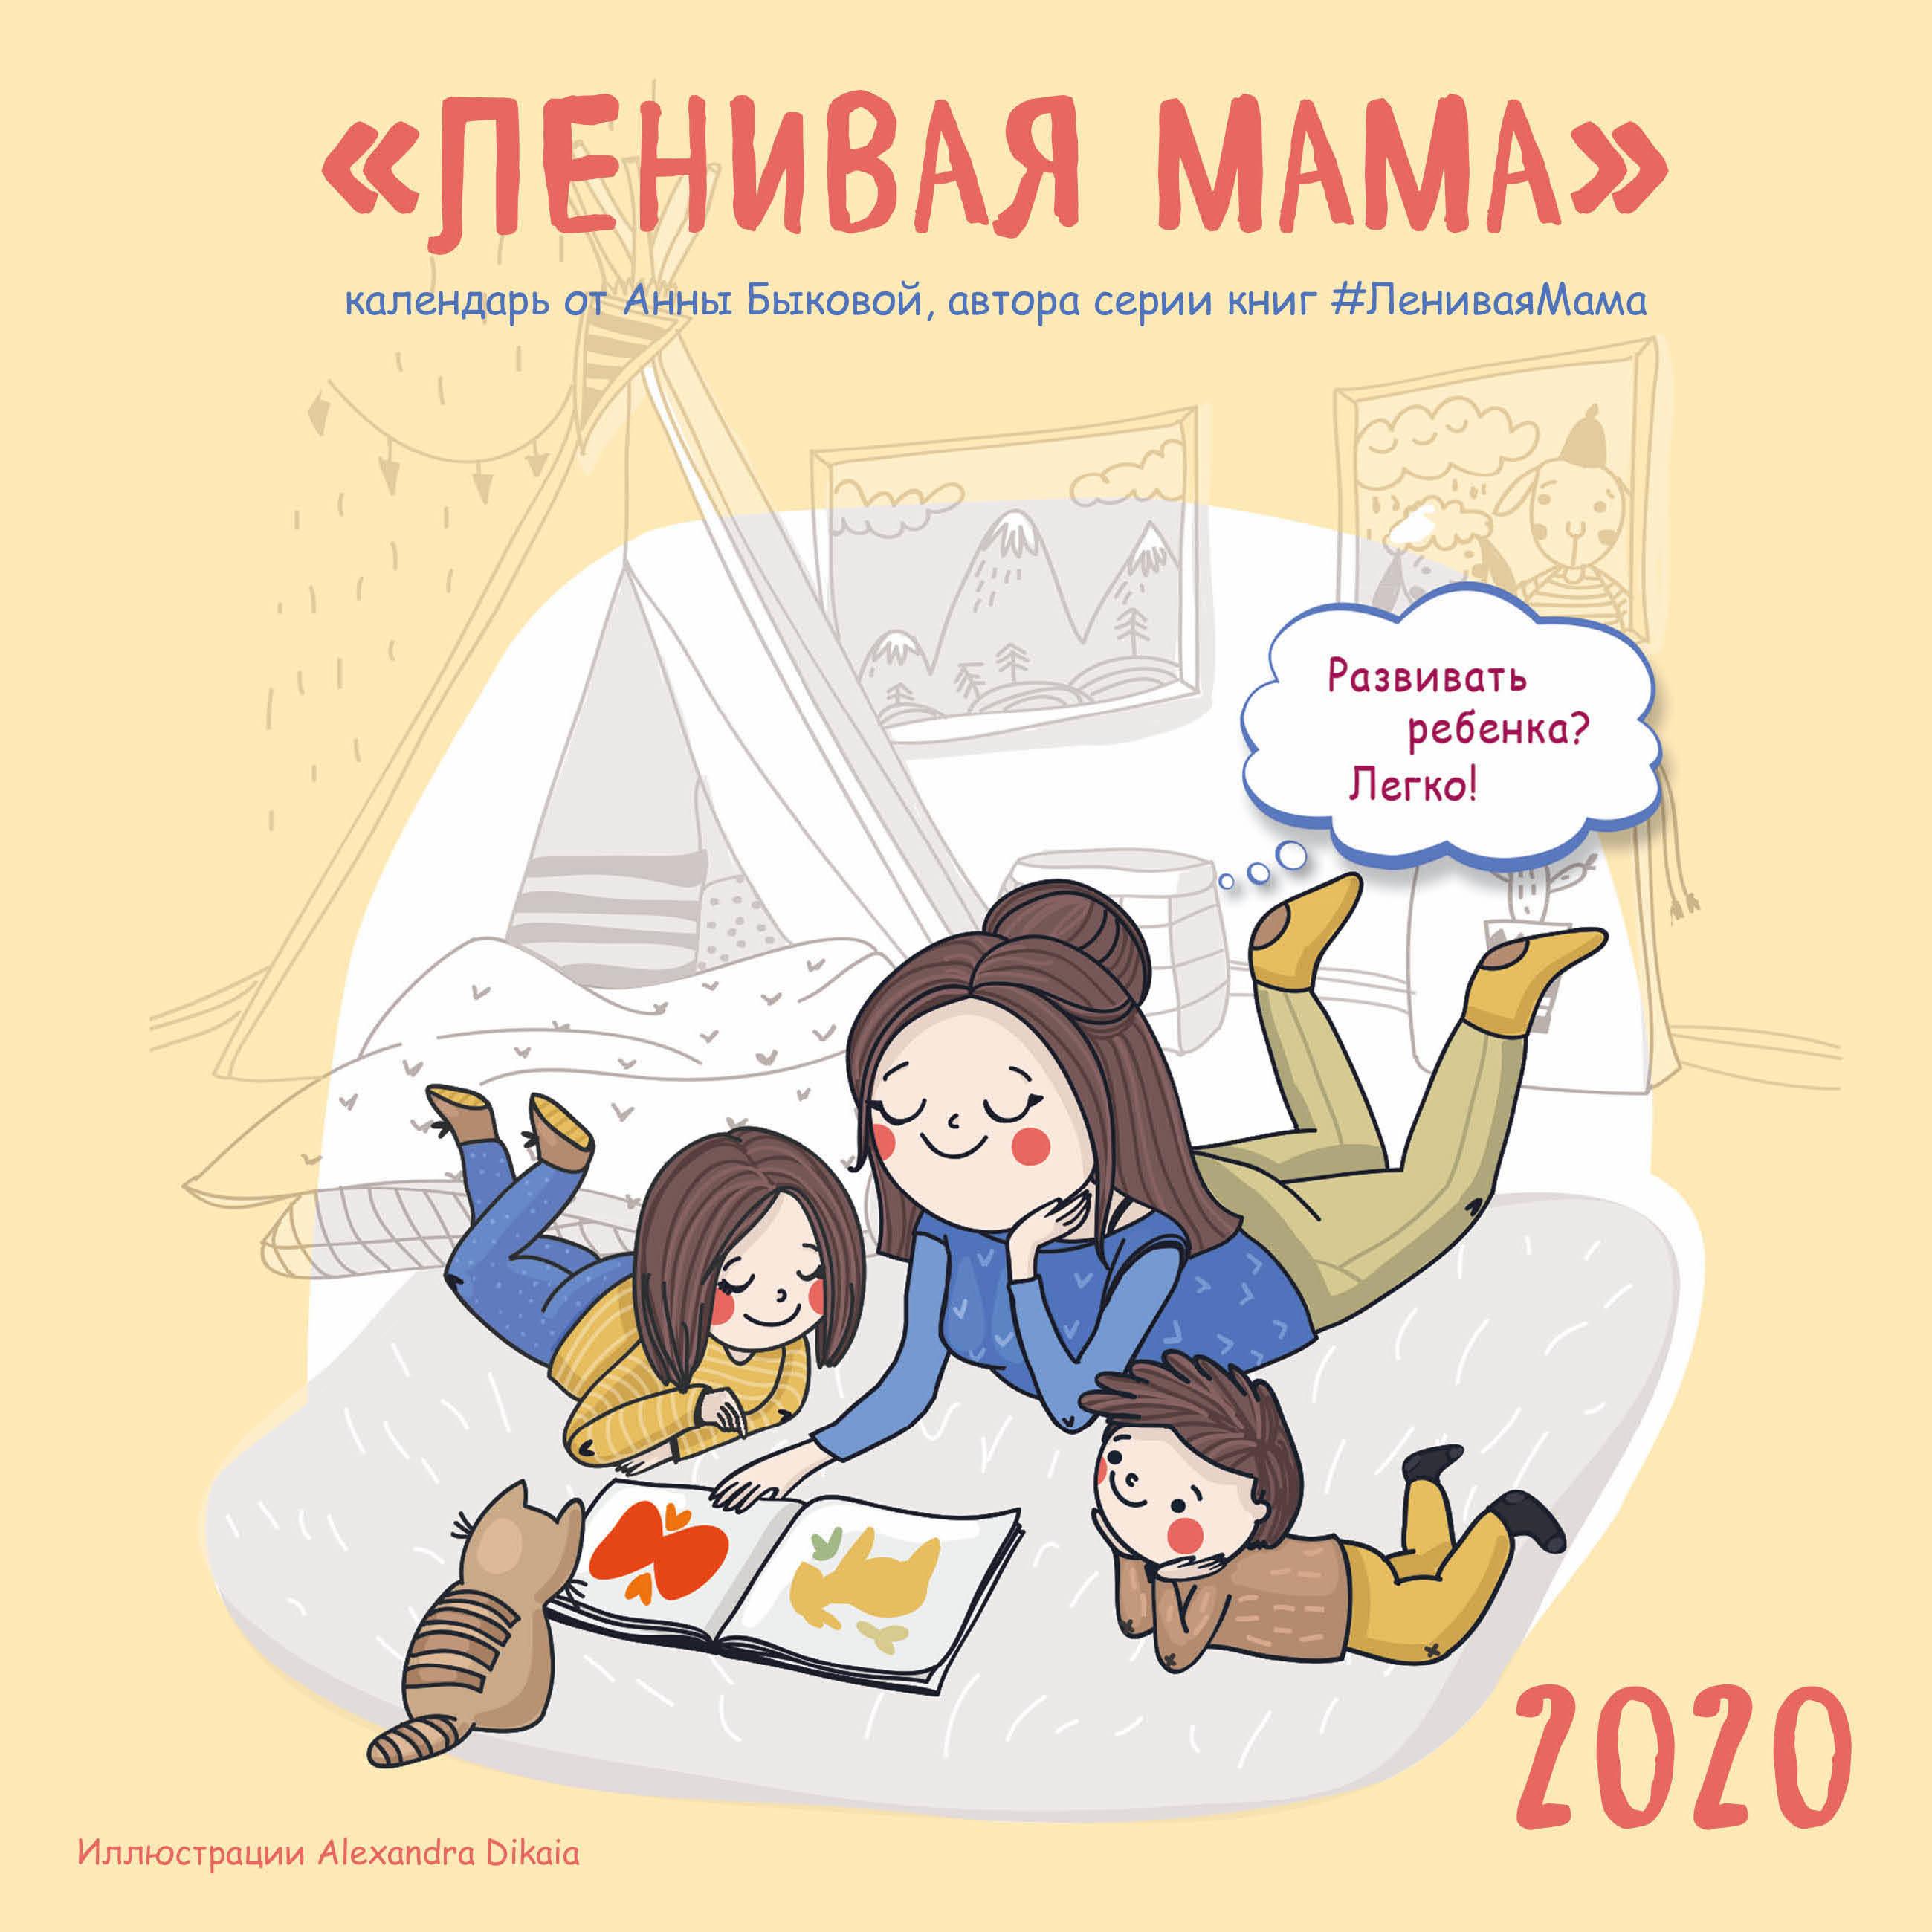 Ленивая мама. Календарь настенный на 2020 год (300х300)